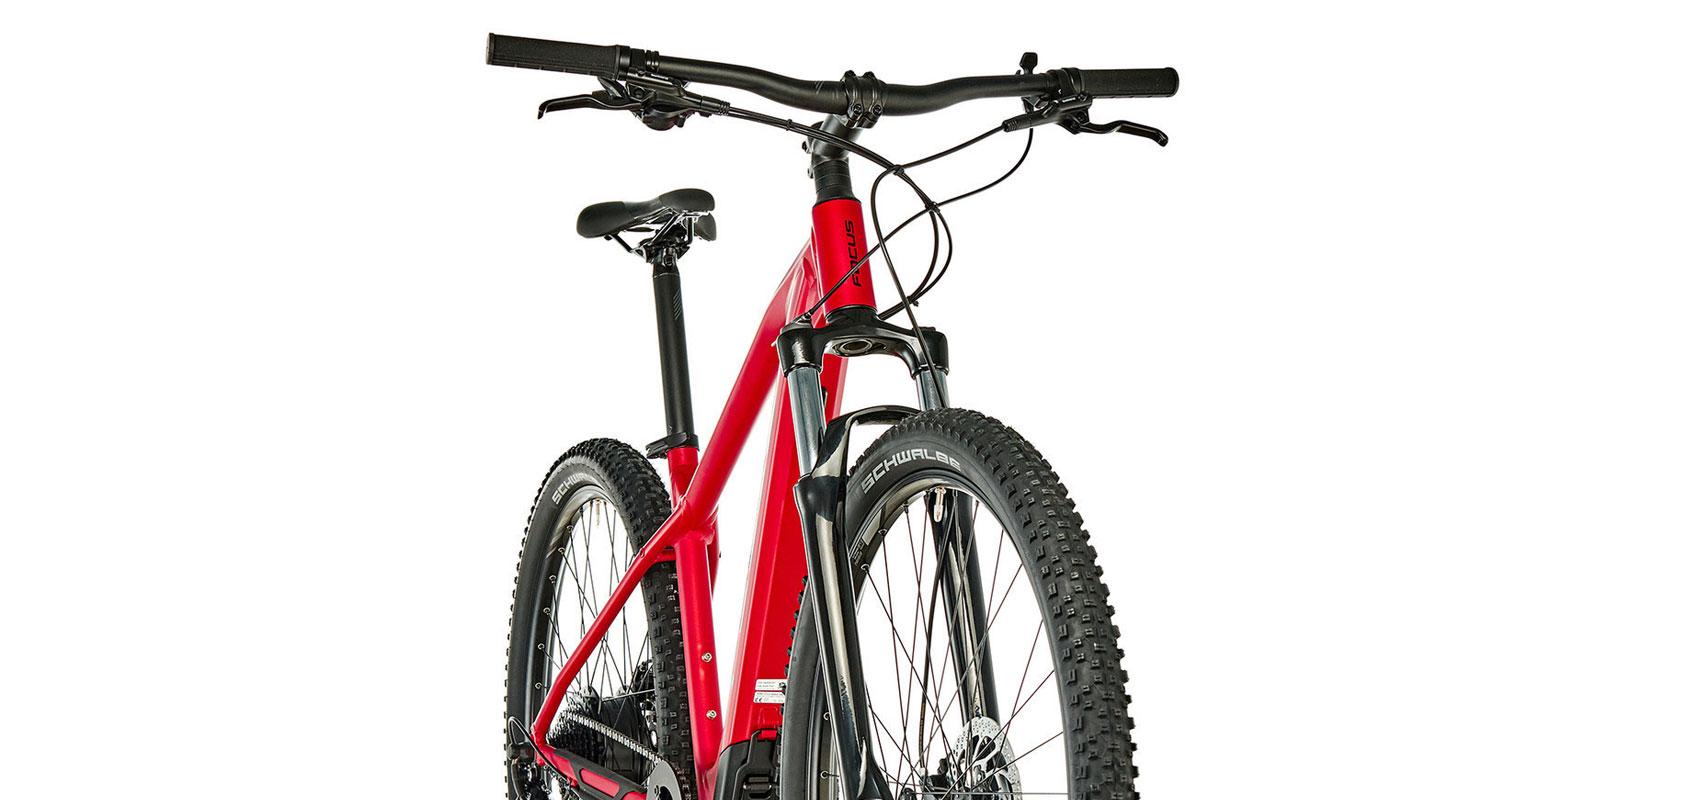 https://bikepointtenerife.com/wp-content/uploads/2019/05/focus-whistler2-6-9-29-2019-red-3.jpg